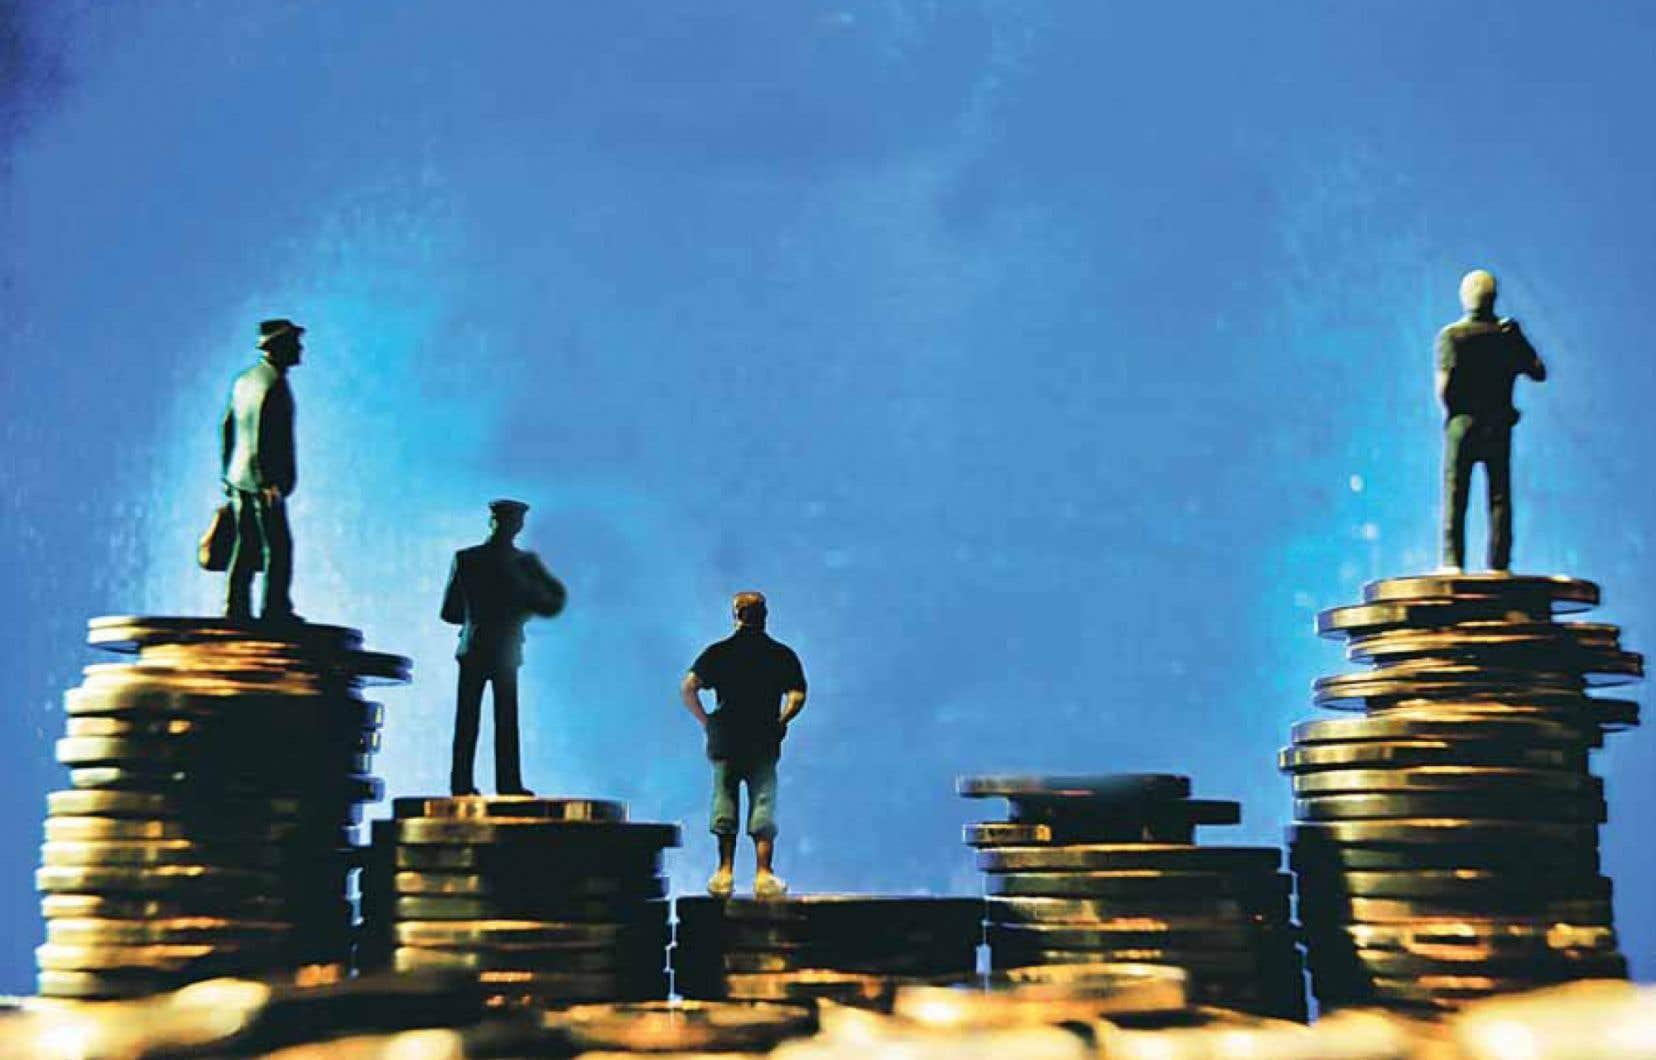 Le fameux 1 % des plus riches s'est approprié 37 % de la création de richesse au Canada de 1975 à la Grande Récession de 2008, rapporte l'Organisation de coopération et de développement économiques.